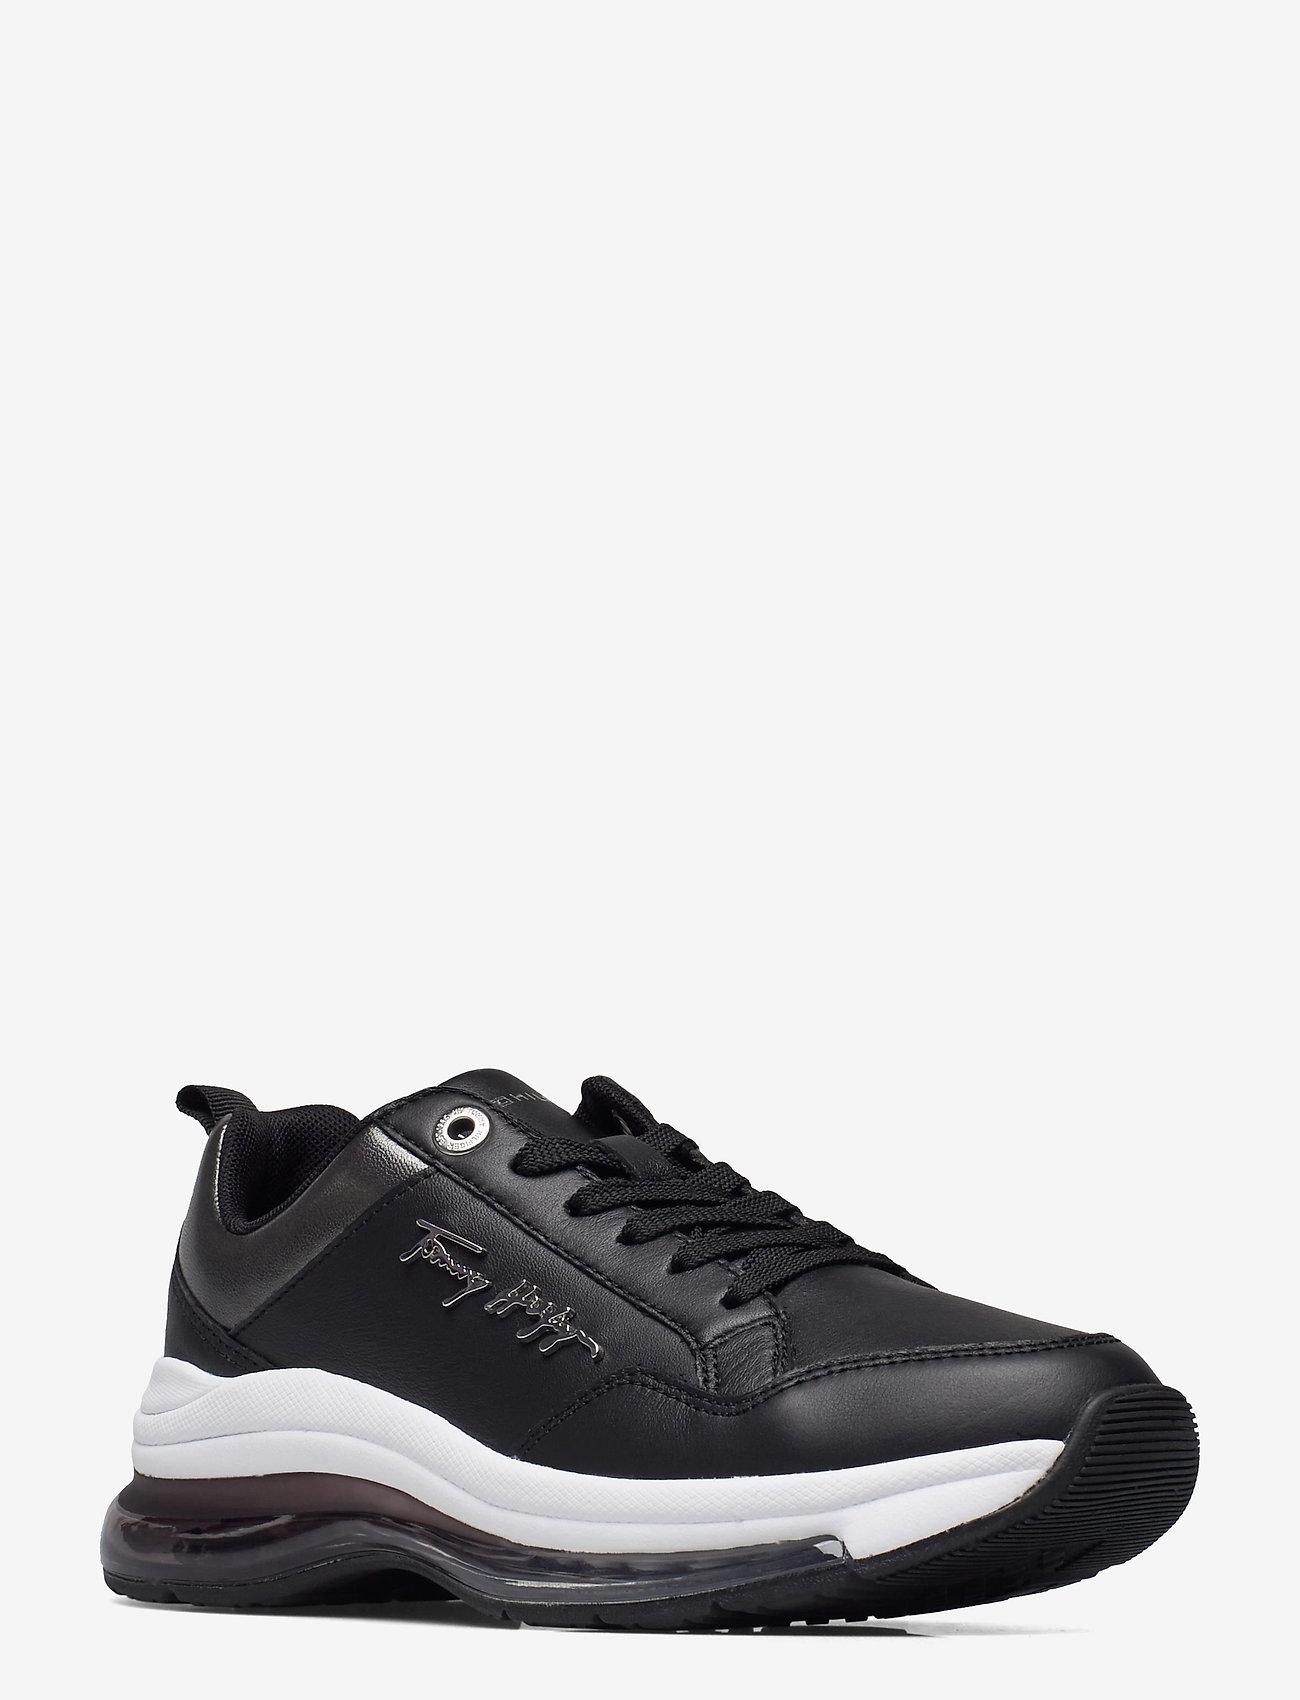 Tommy Hilfiger - CITY AIR RUNNER METALLIC - low top sneakers - black - 1